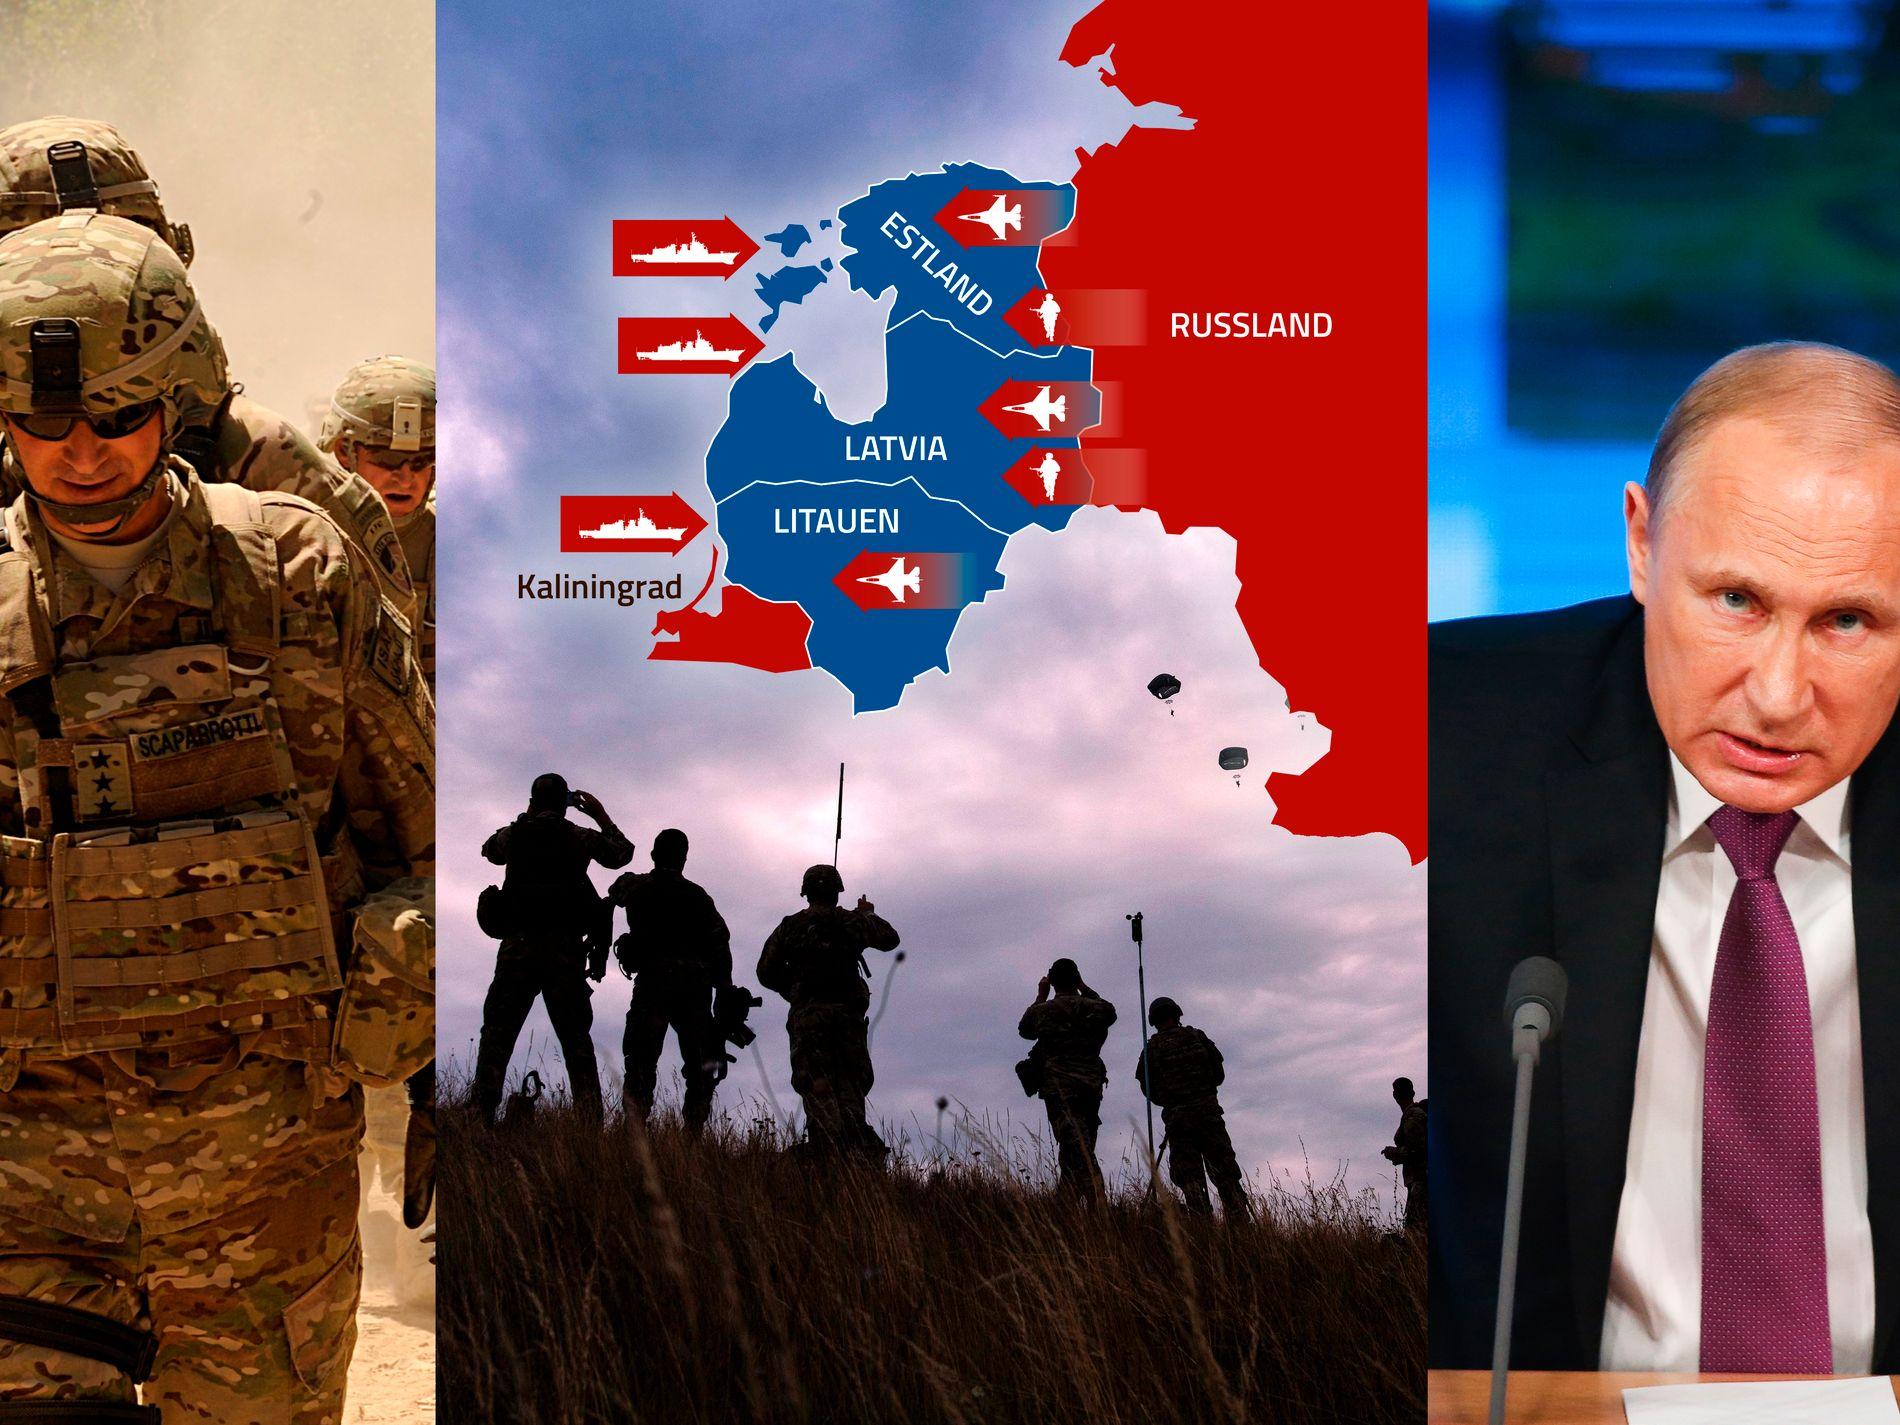 113bb6d1 Hvis president Putin vil underlegge seg Baltikum, vil det ikke koste ham  mye.